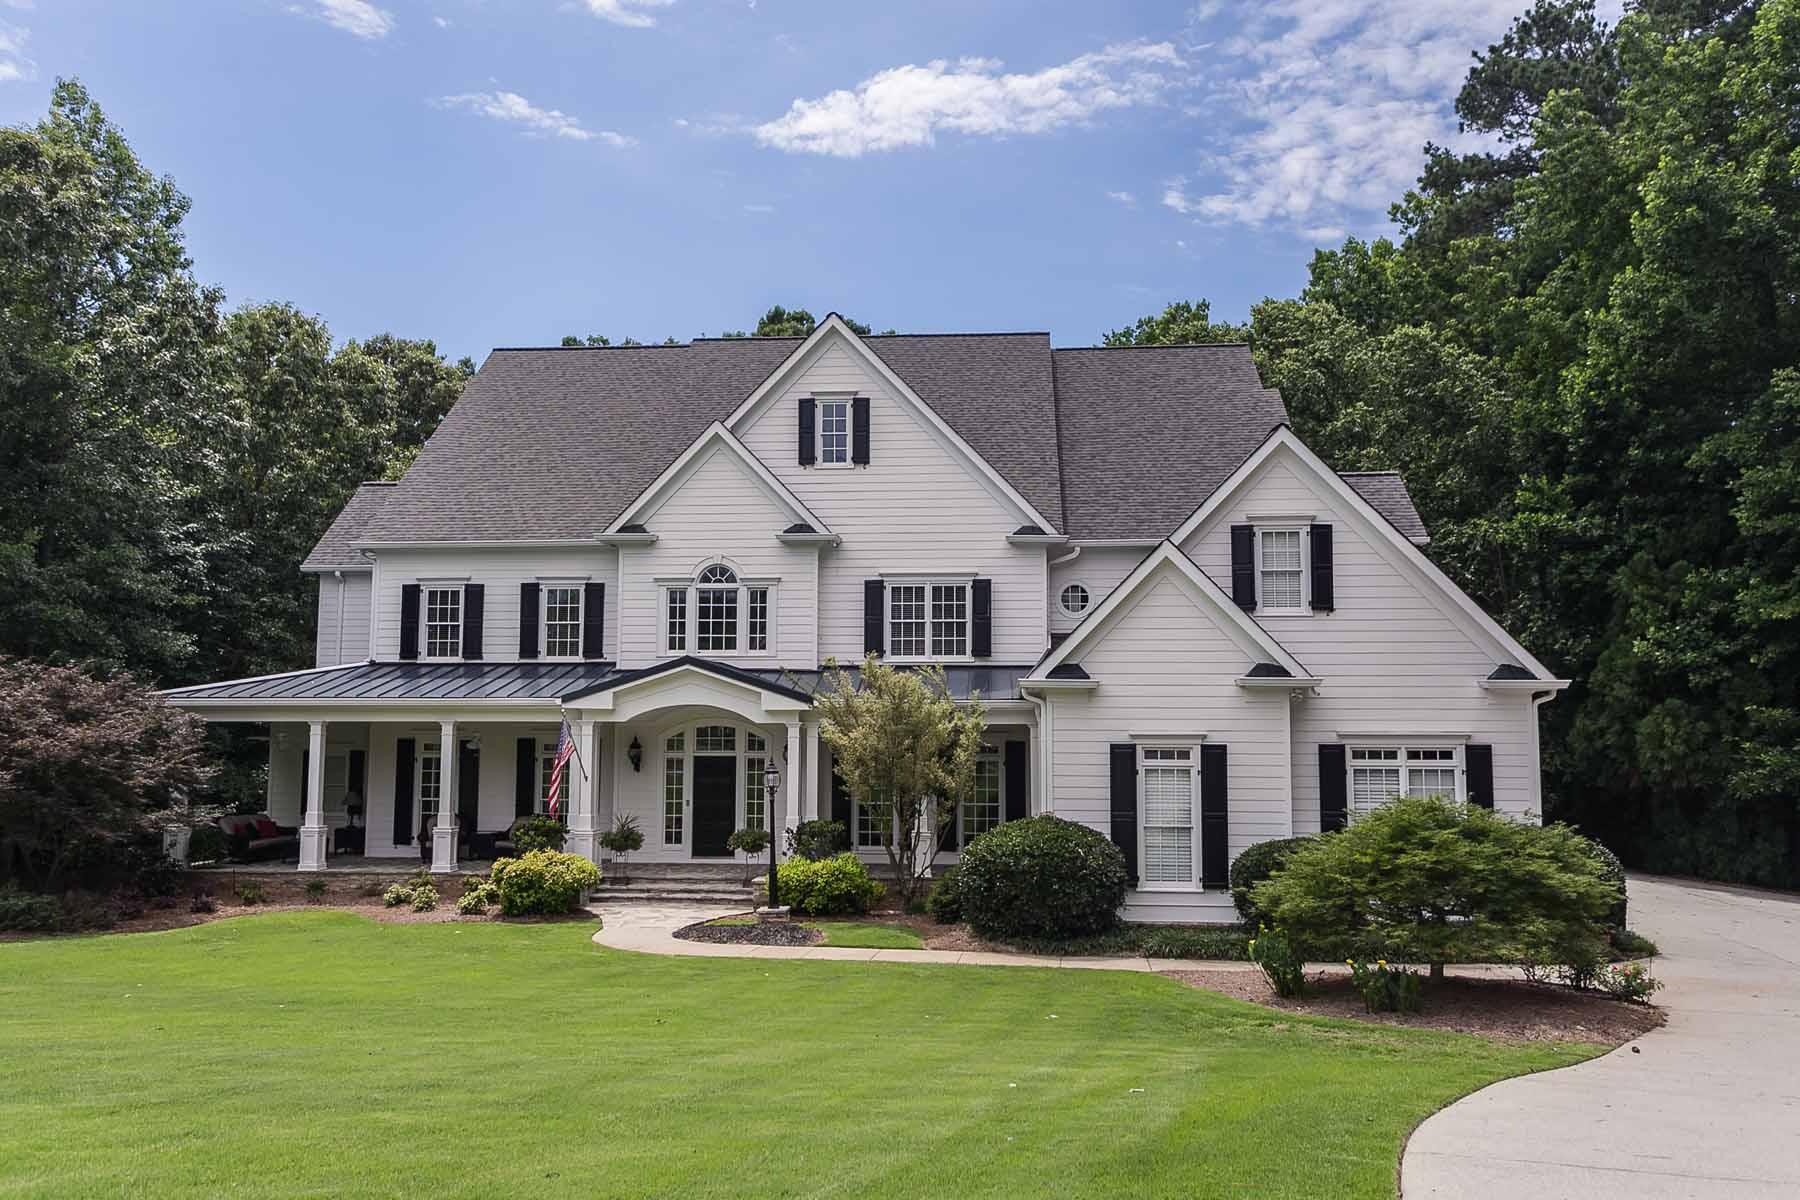 独户住宅 为 销售 在 Custom Built Estate Farmhouse in Gated Community 310 Lake Bend Court 阿法乐特, 乔治亚州, 30004 美国